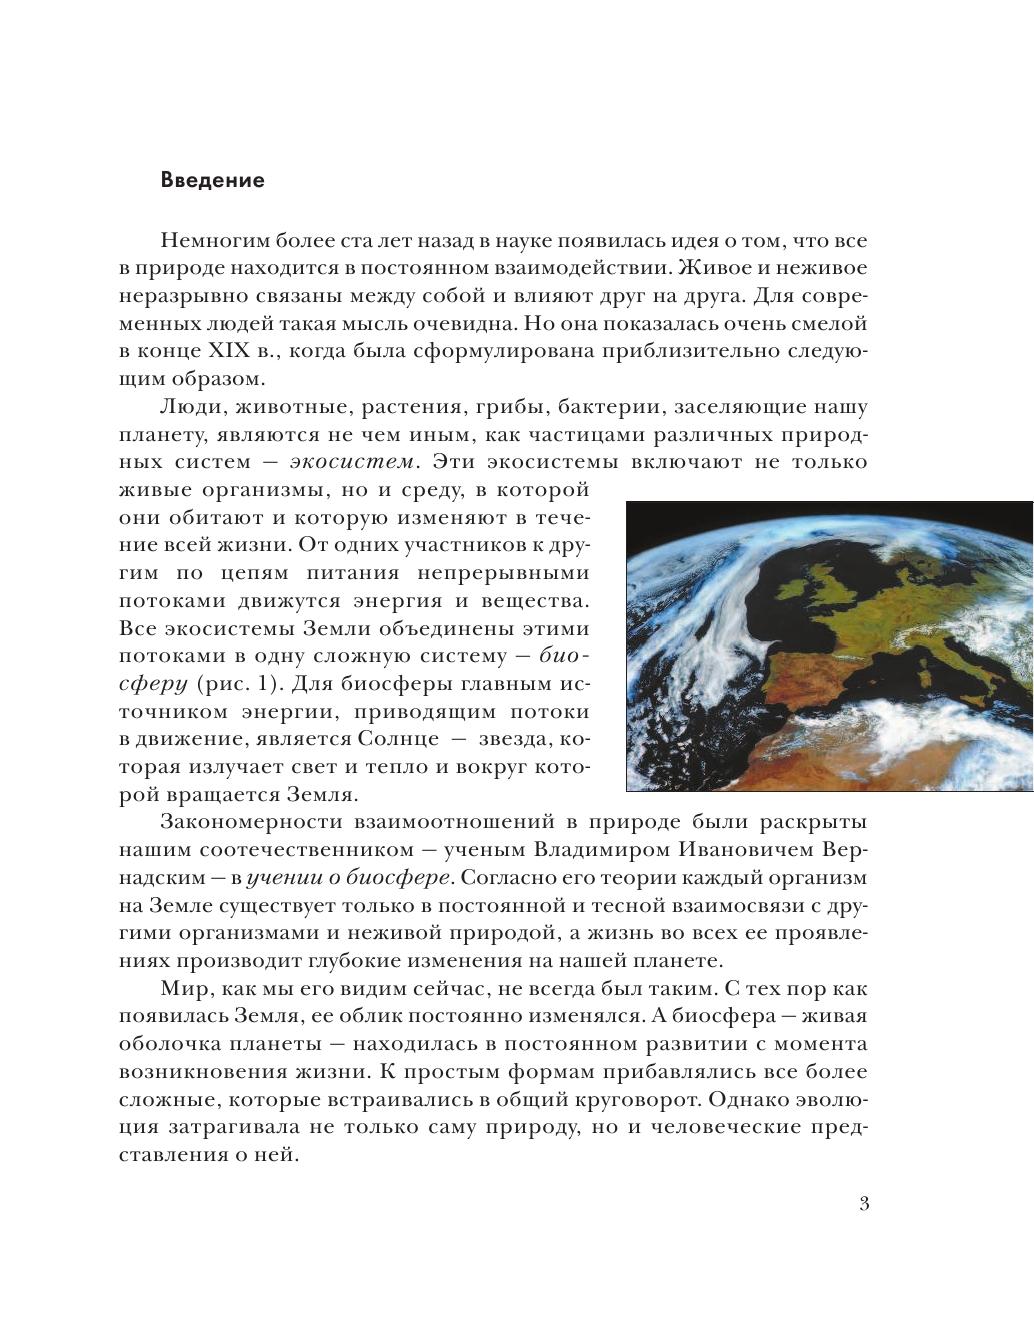 Экология. 9 класс. Биосфера и человечество. Учебное пособие - страница 3